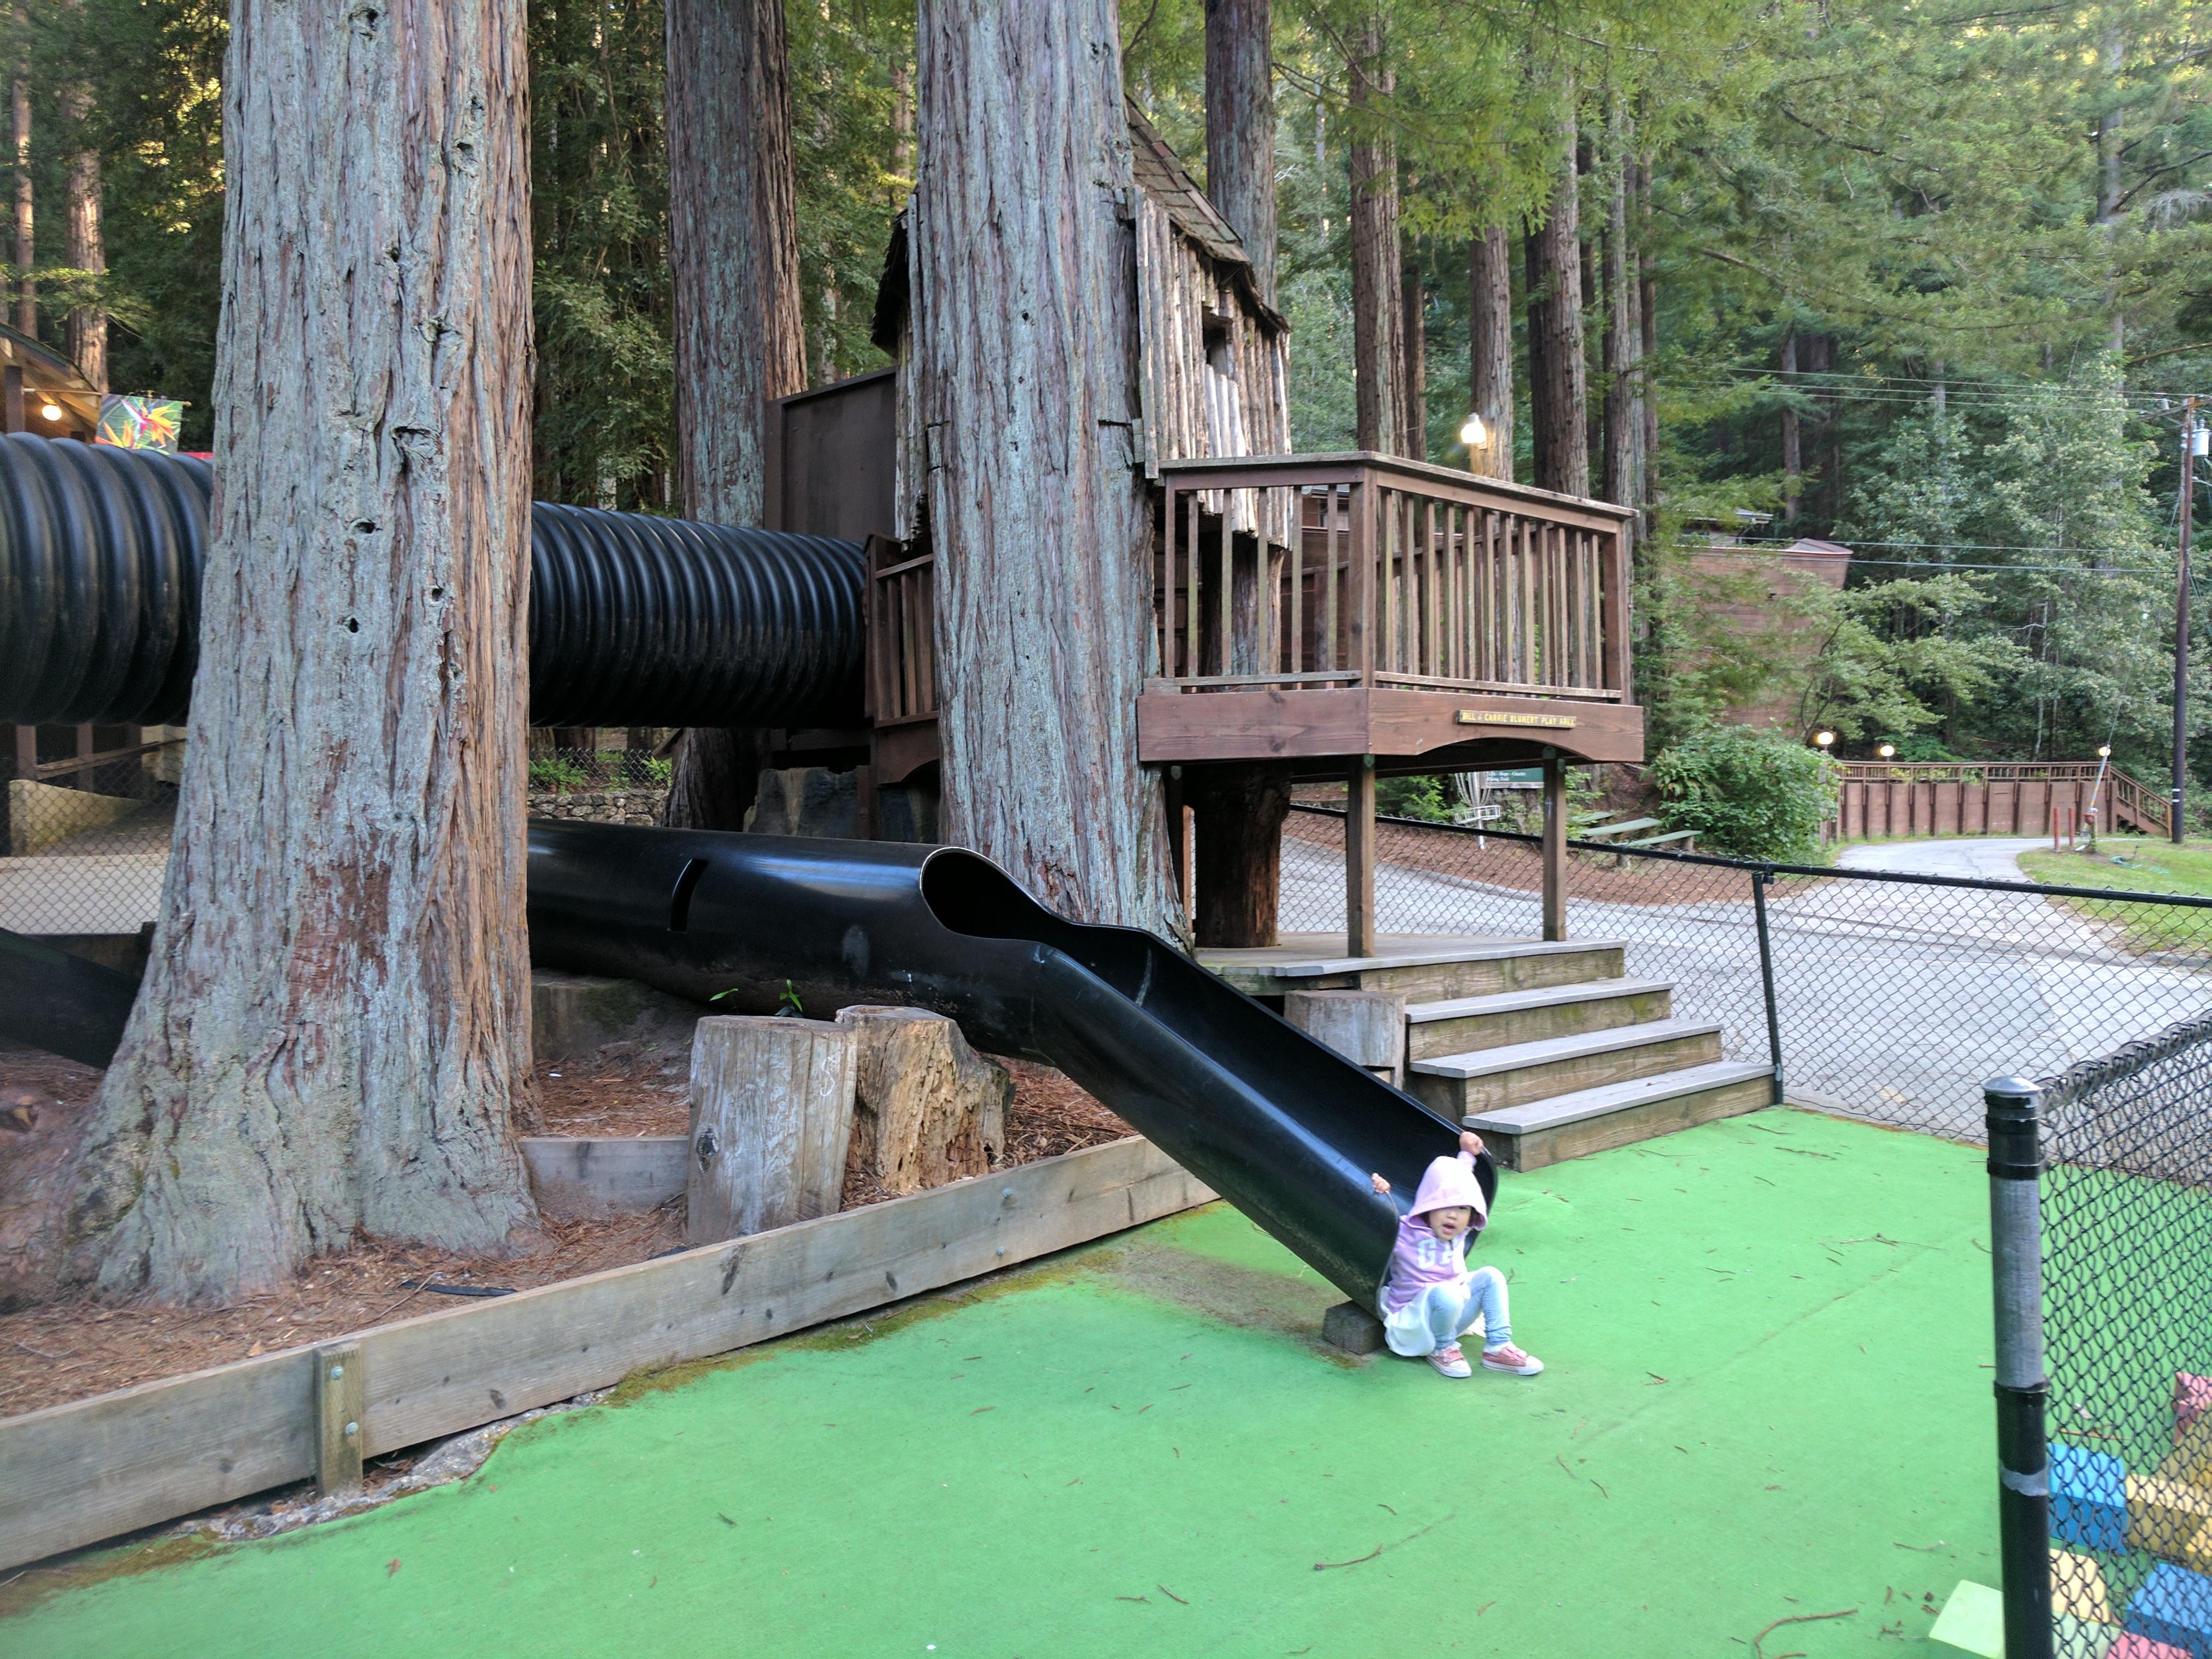 나무를 응용한 자연 친화적 놀이터